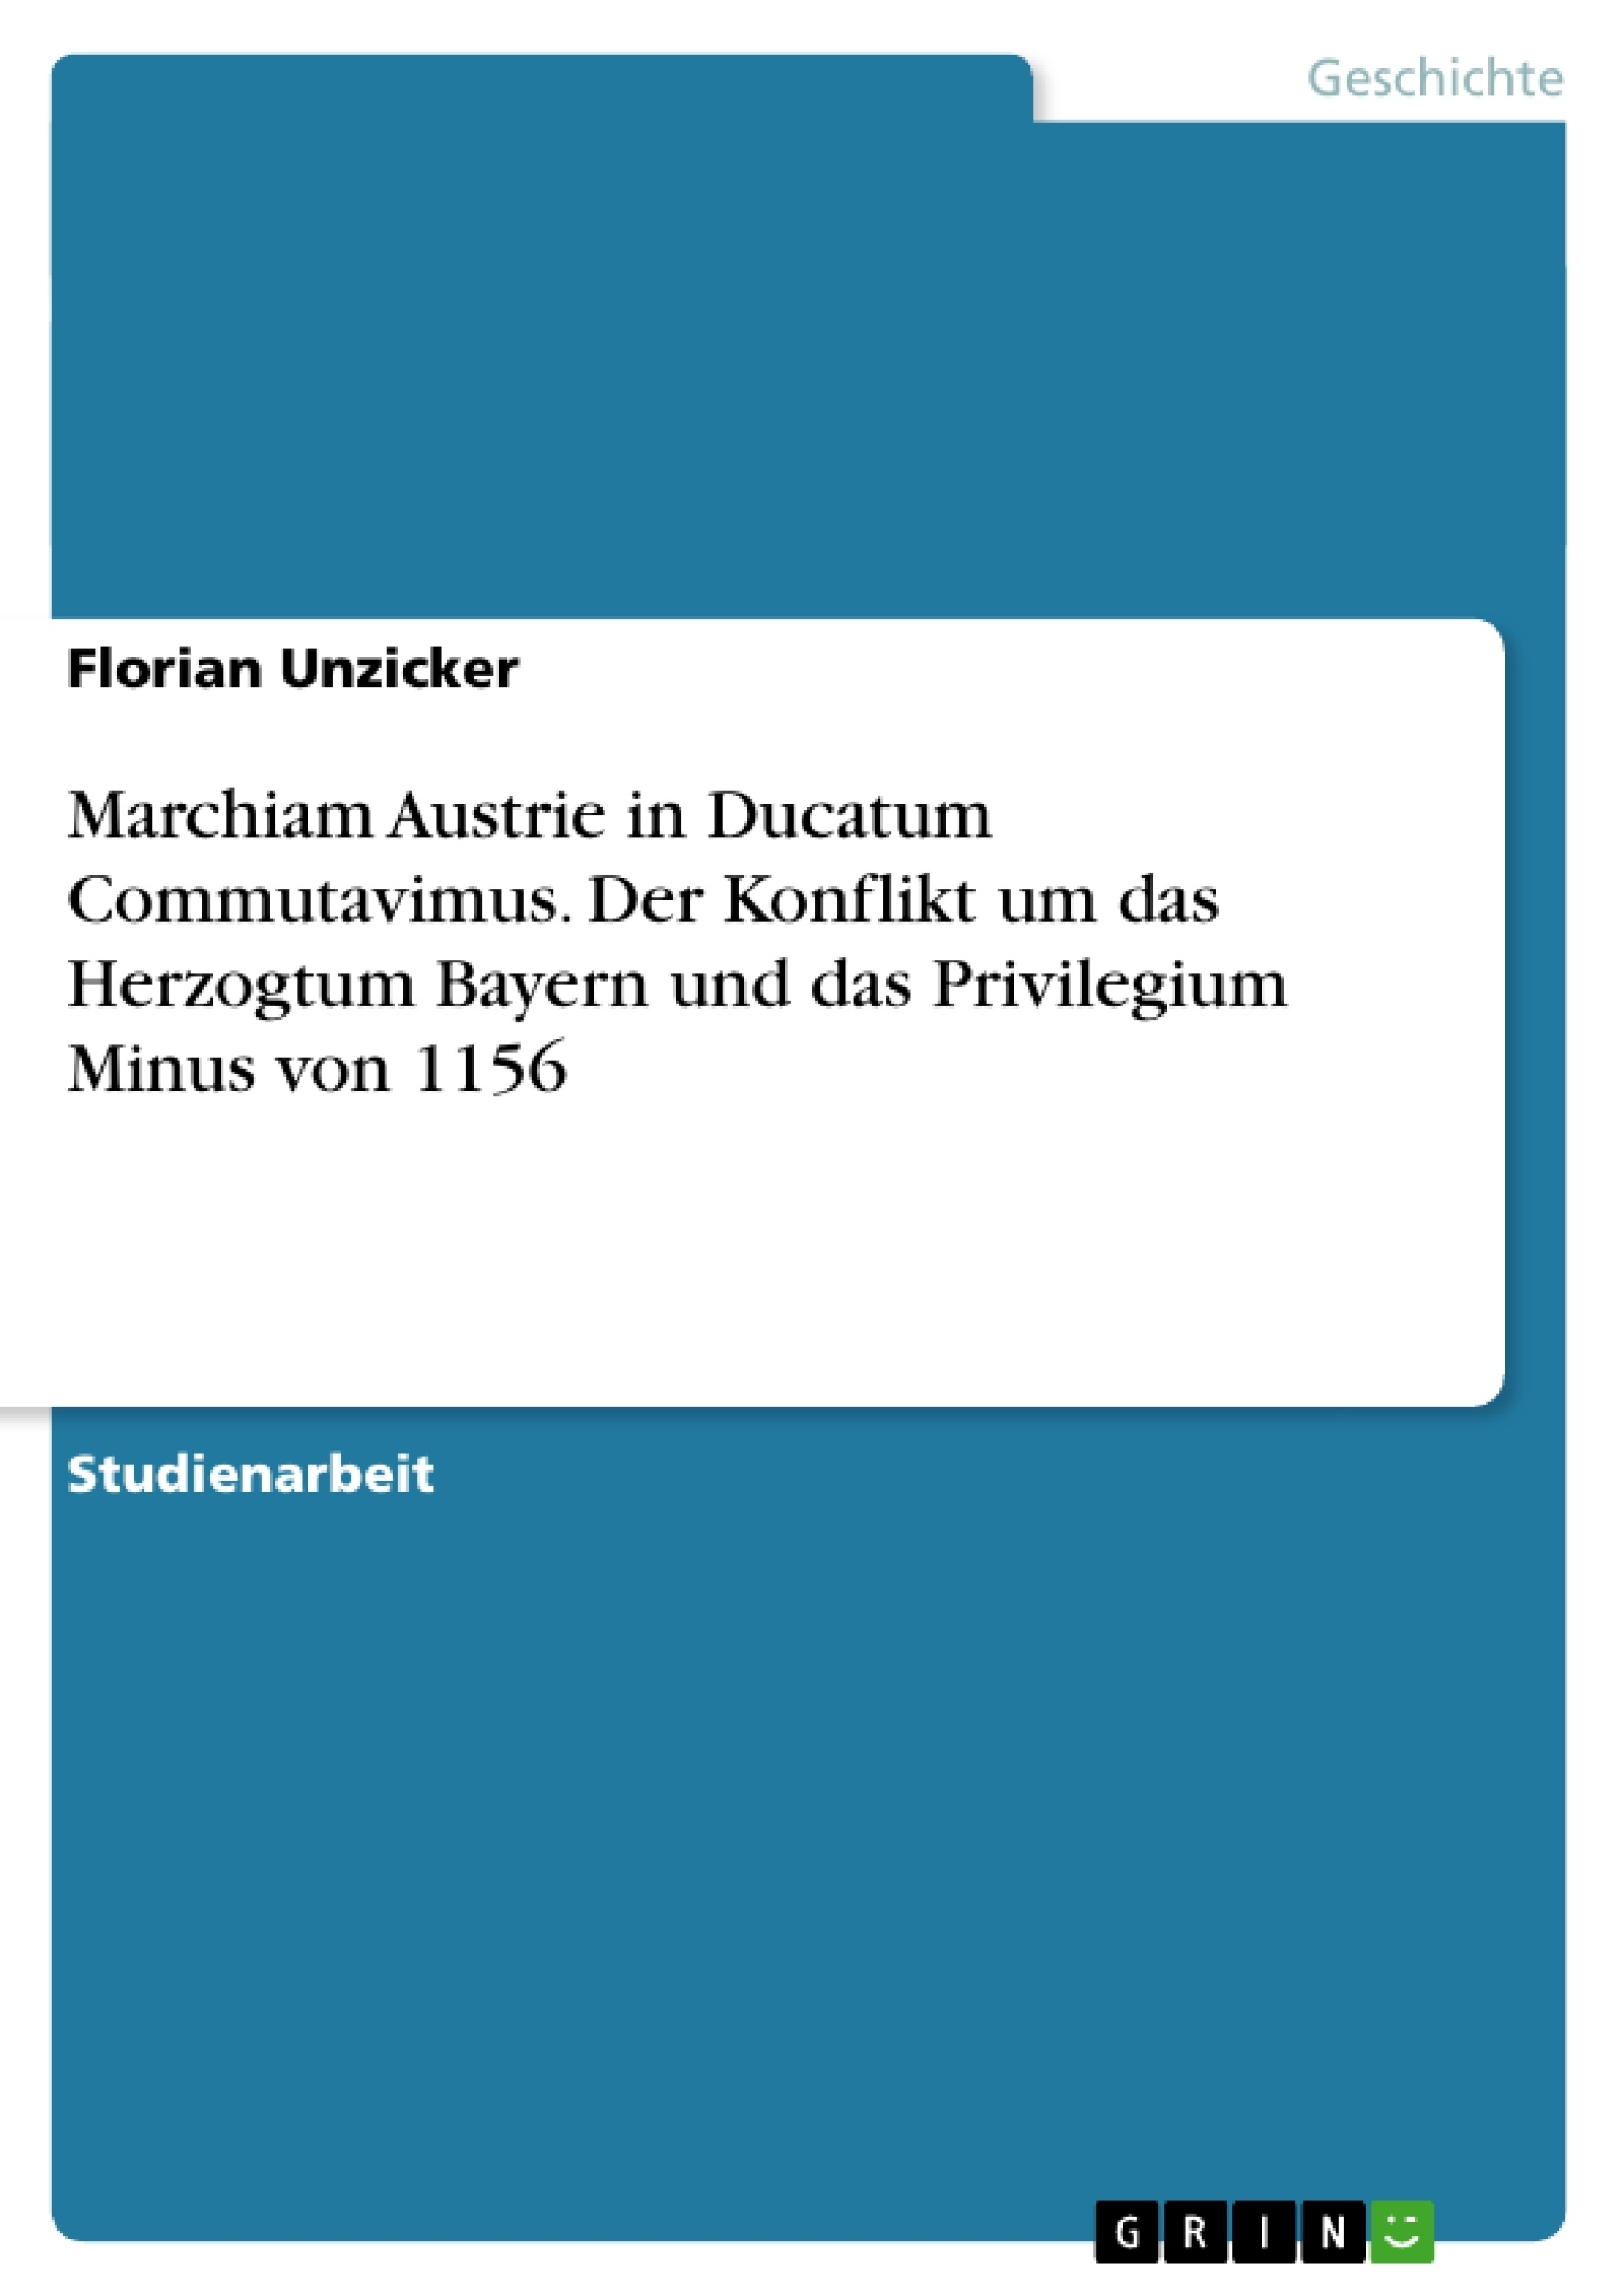 Titel: Marchiam Austrie in Ducatum Commutavimus. Der Konflikt um das Herzogtum Bayern und das Privilegium Minus von 1156